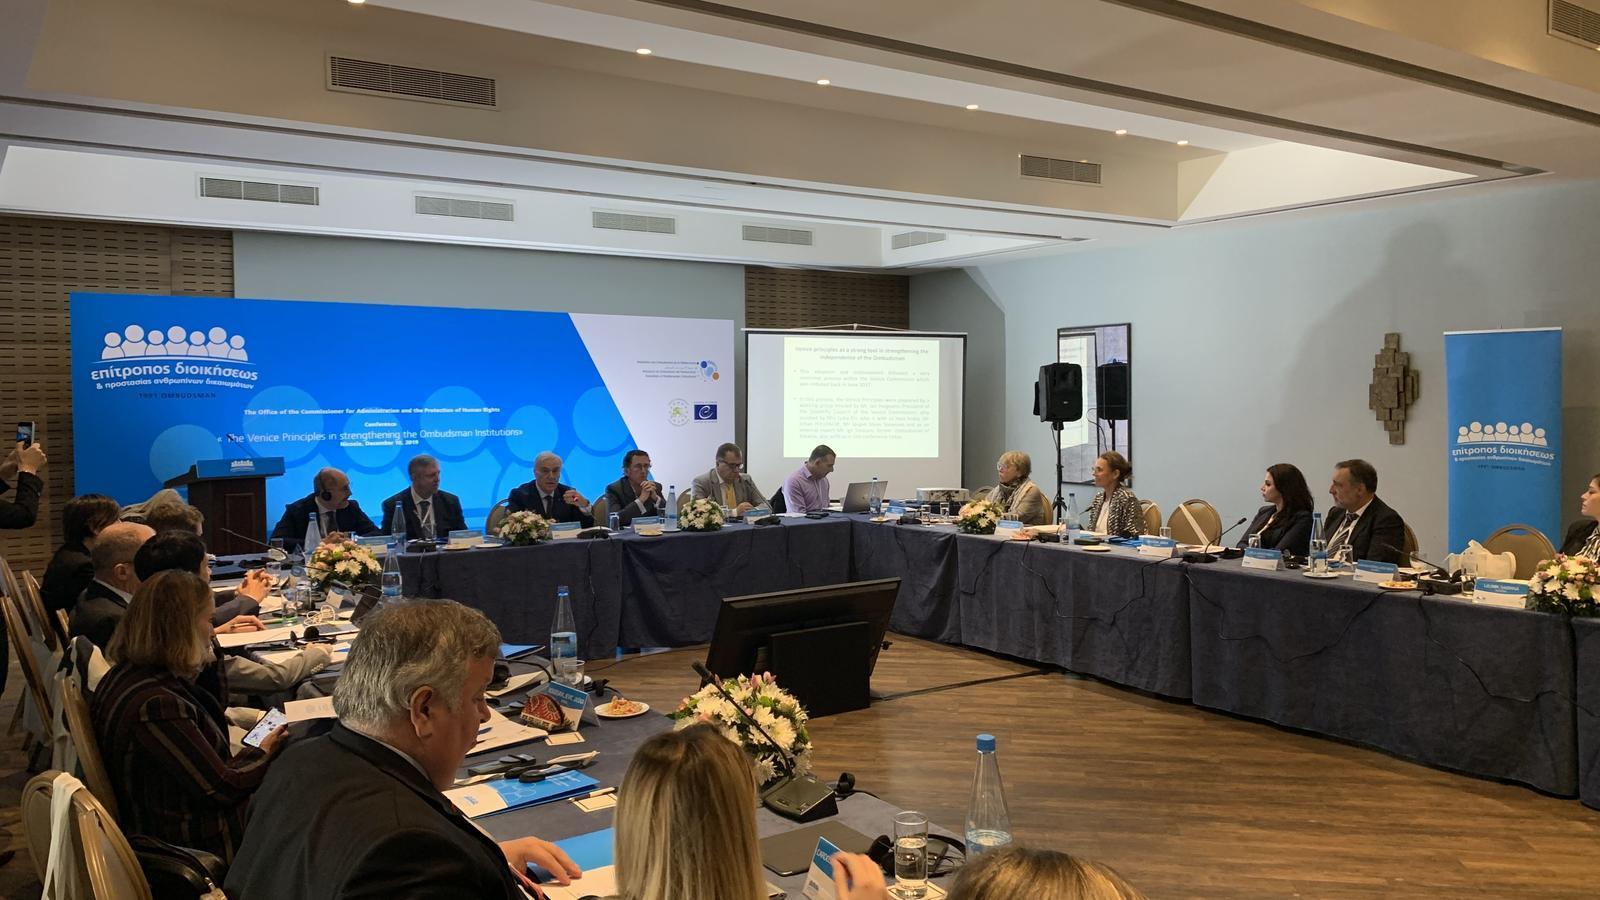 Trobada entre els defensors dels drets de la ciutadania de diferents països europeus a Xipre. / RAONADOR DEL CIUTADÀ